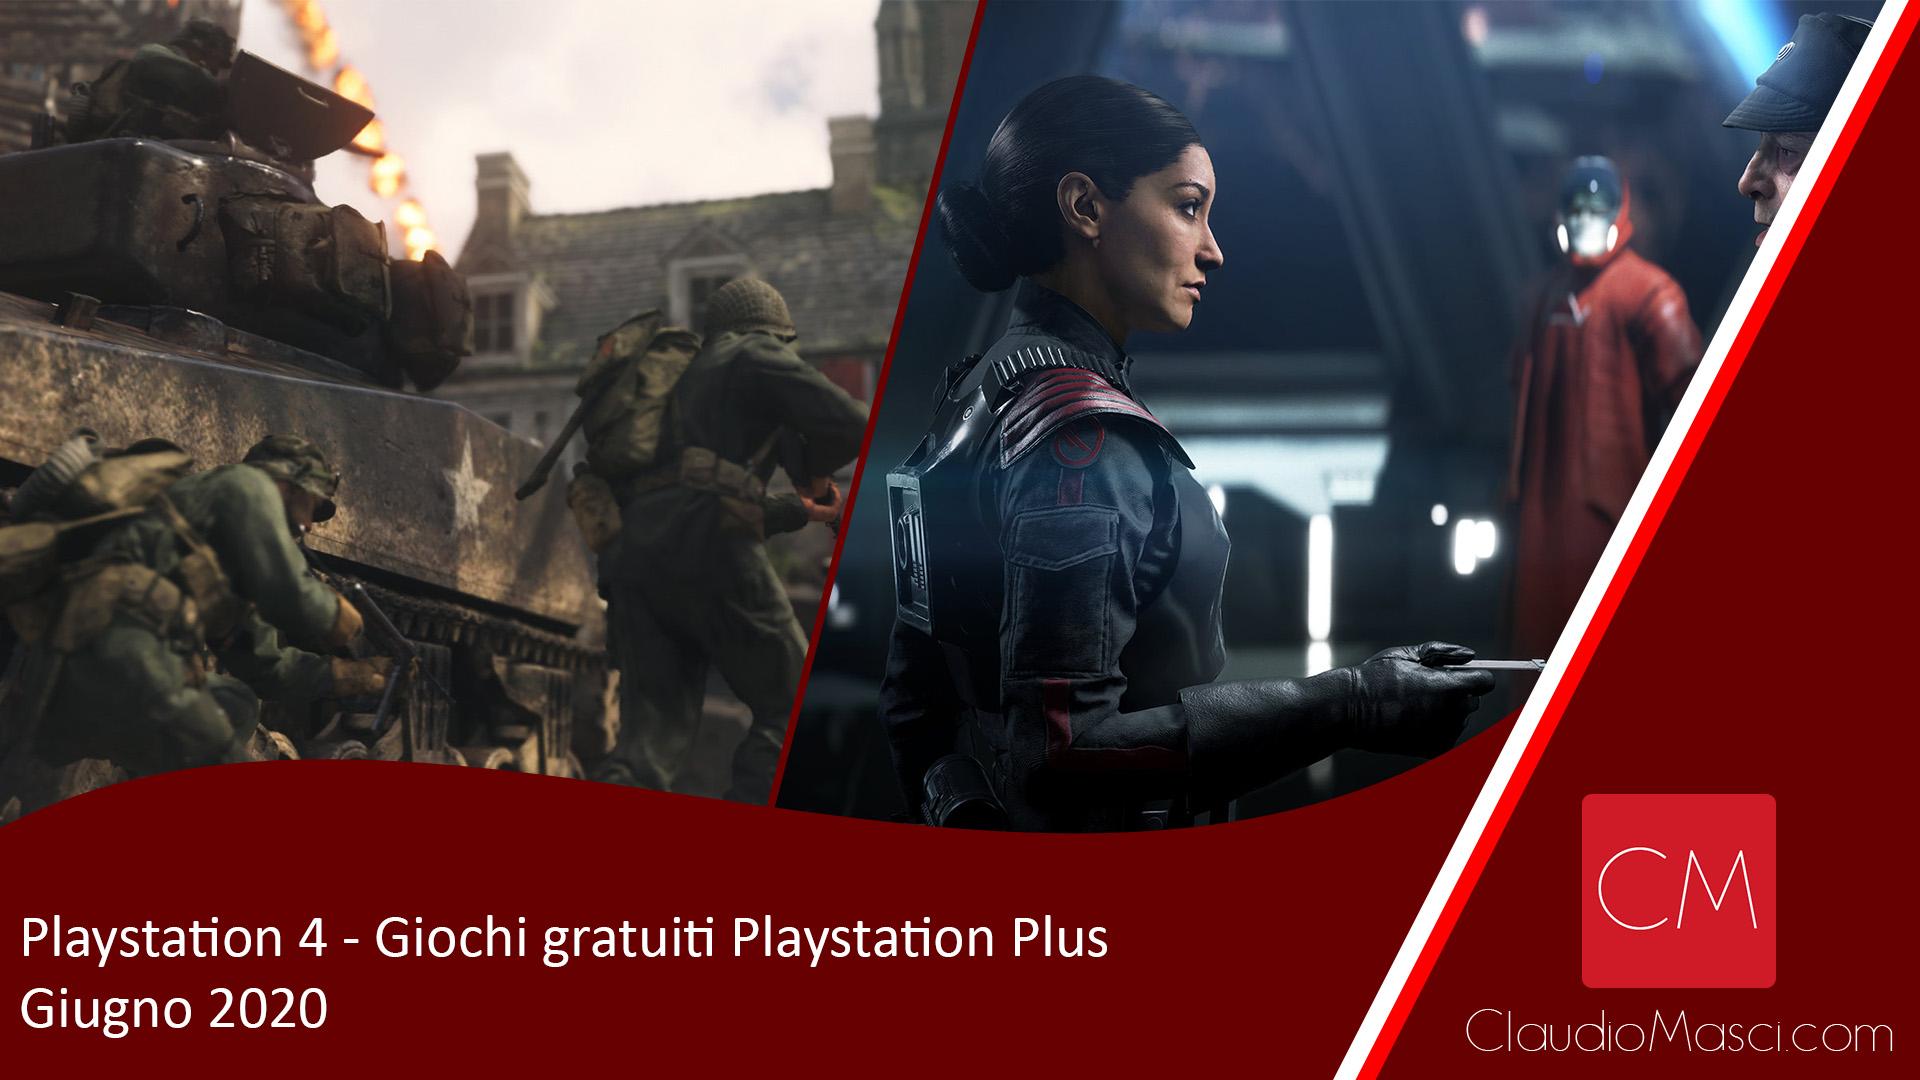 Giochi gratuiti PS Plus Giugno 2020 – Playstation Plus Giugno 2020